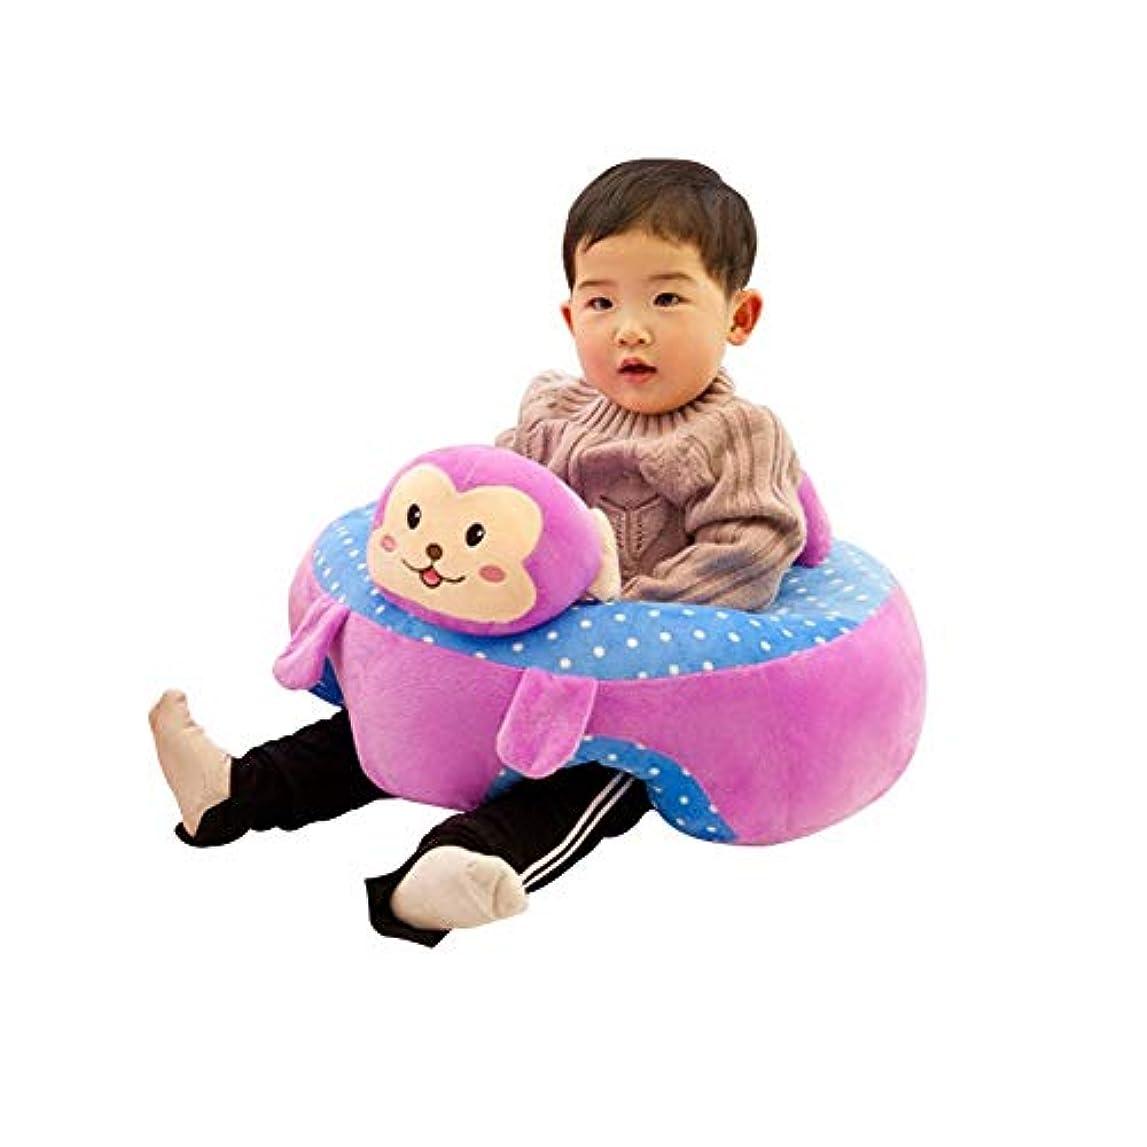 平和笑い動揺させるチャイルドシート,赤ちゃん用、携帯式、椅子、子供用ぬいぐるみ、安全、可愛い,訓練